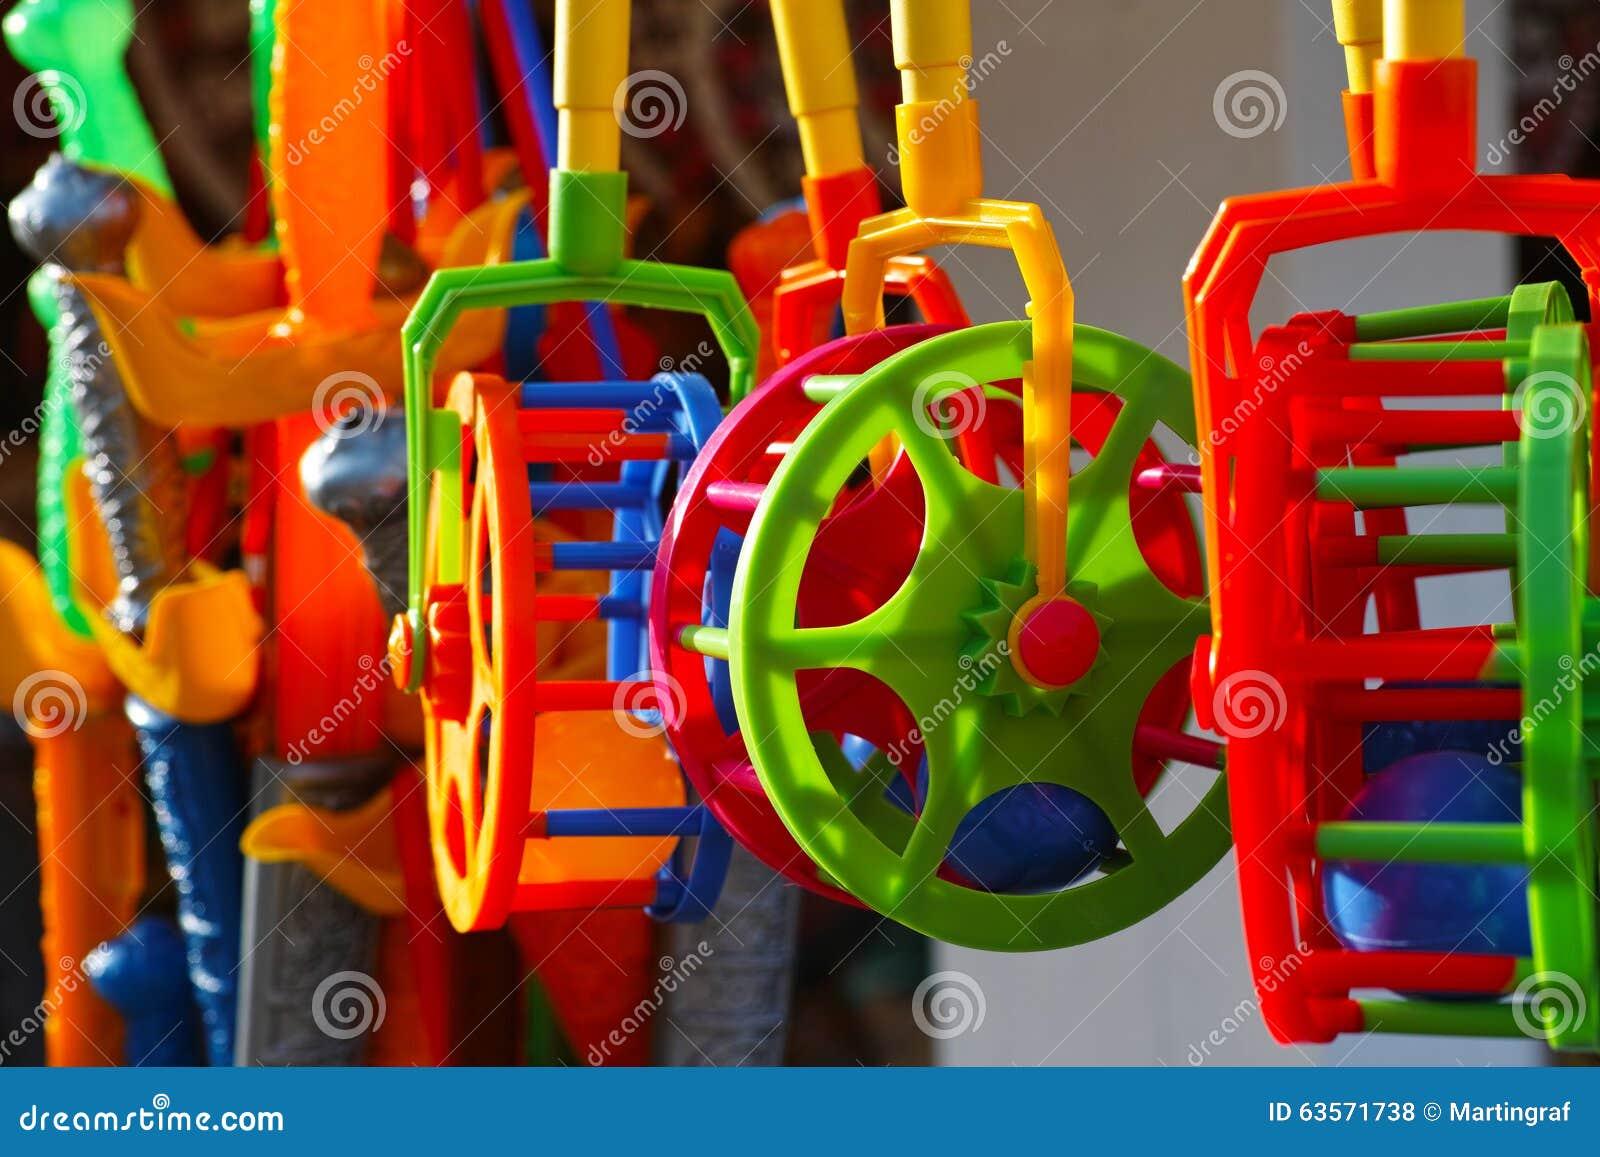 Jouets en plastique colorés